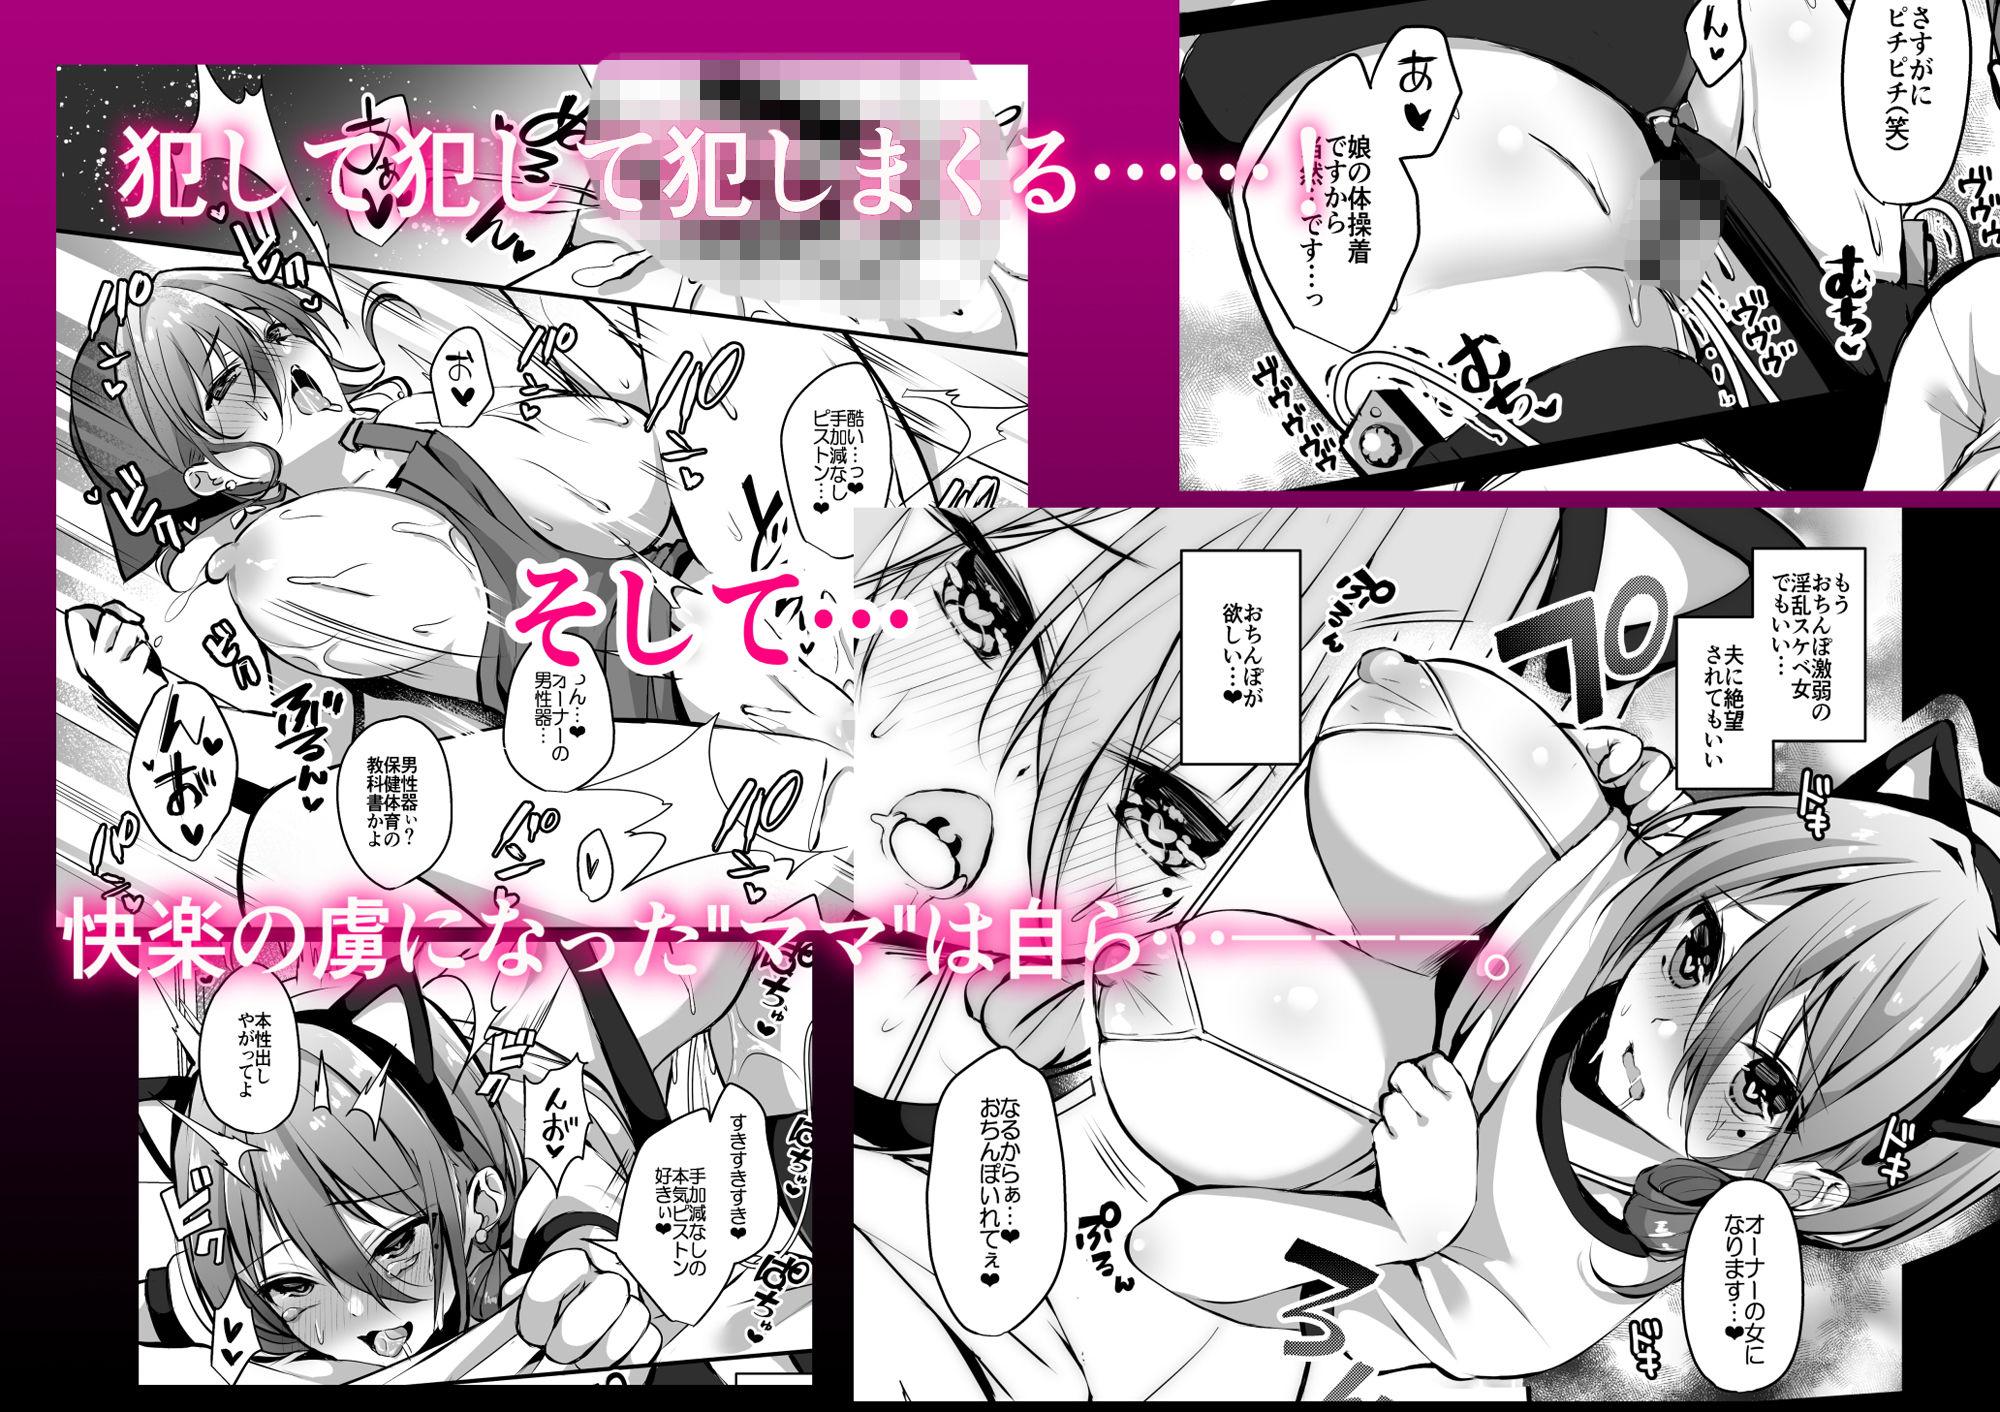 [同人]「秘密2~父娘の秘密・'ママ'と父の出会い~」(Ichigo Crown)